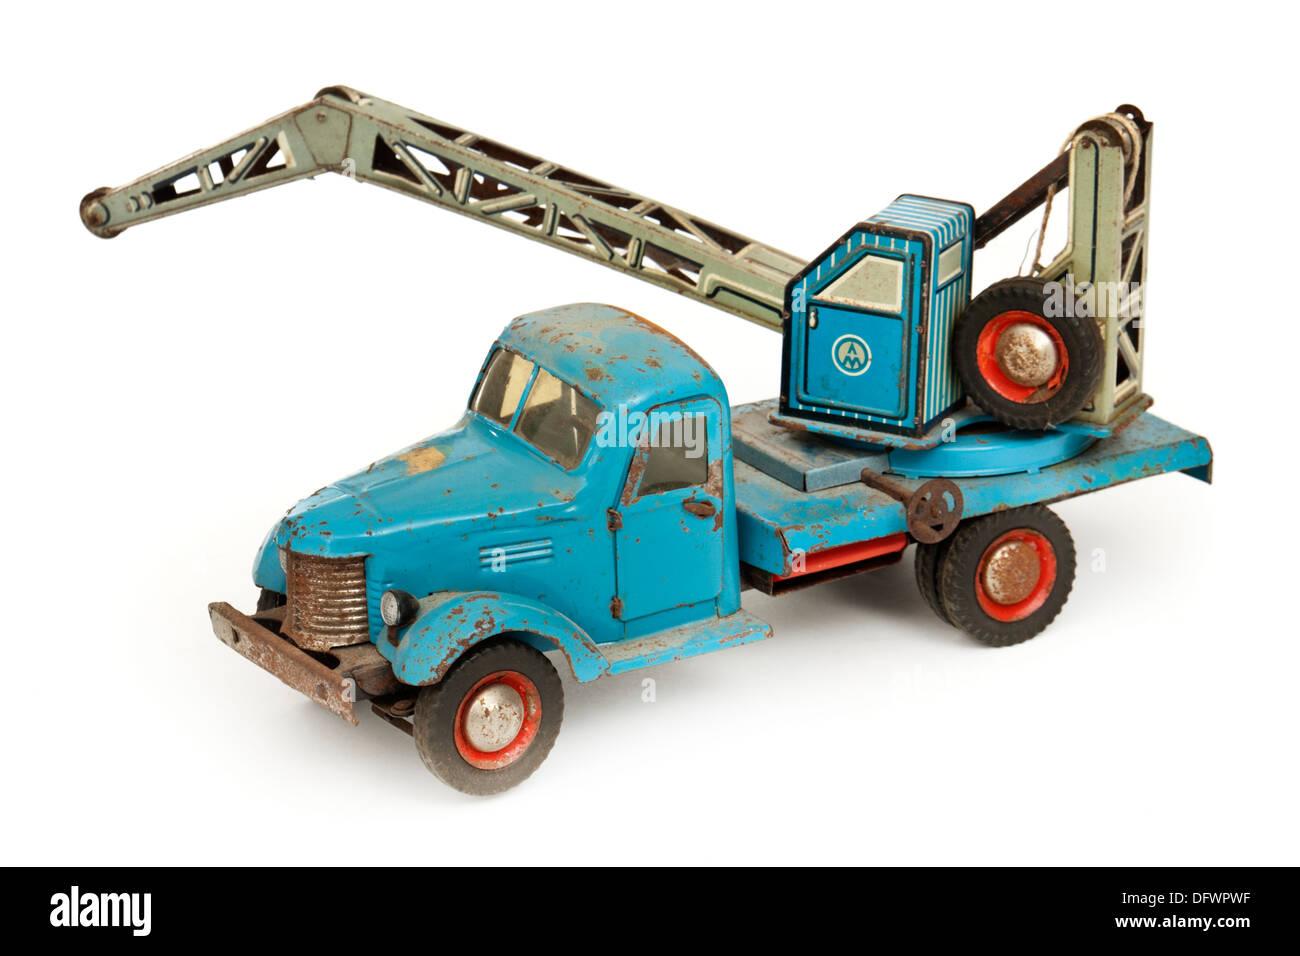 Vintage 1950s tinplate Russian ZIL toy breakdown truck  crane